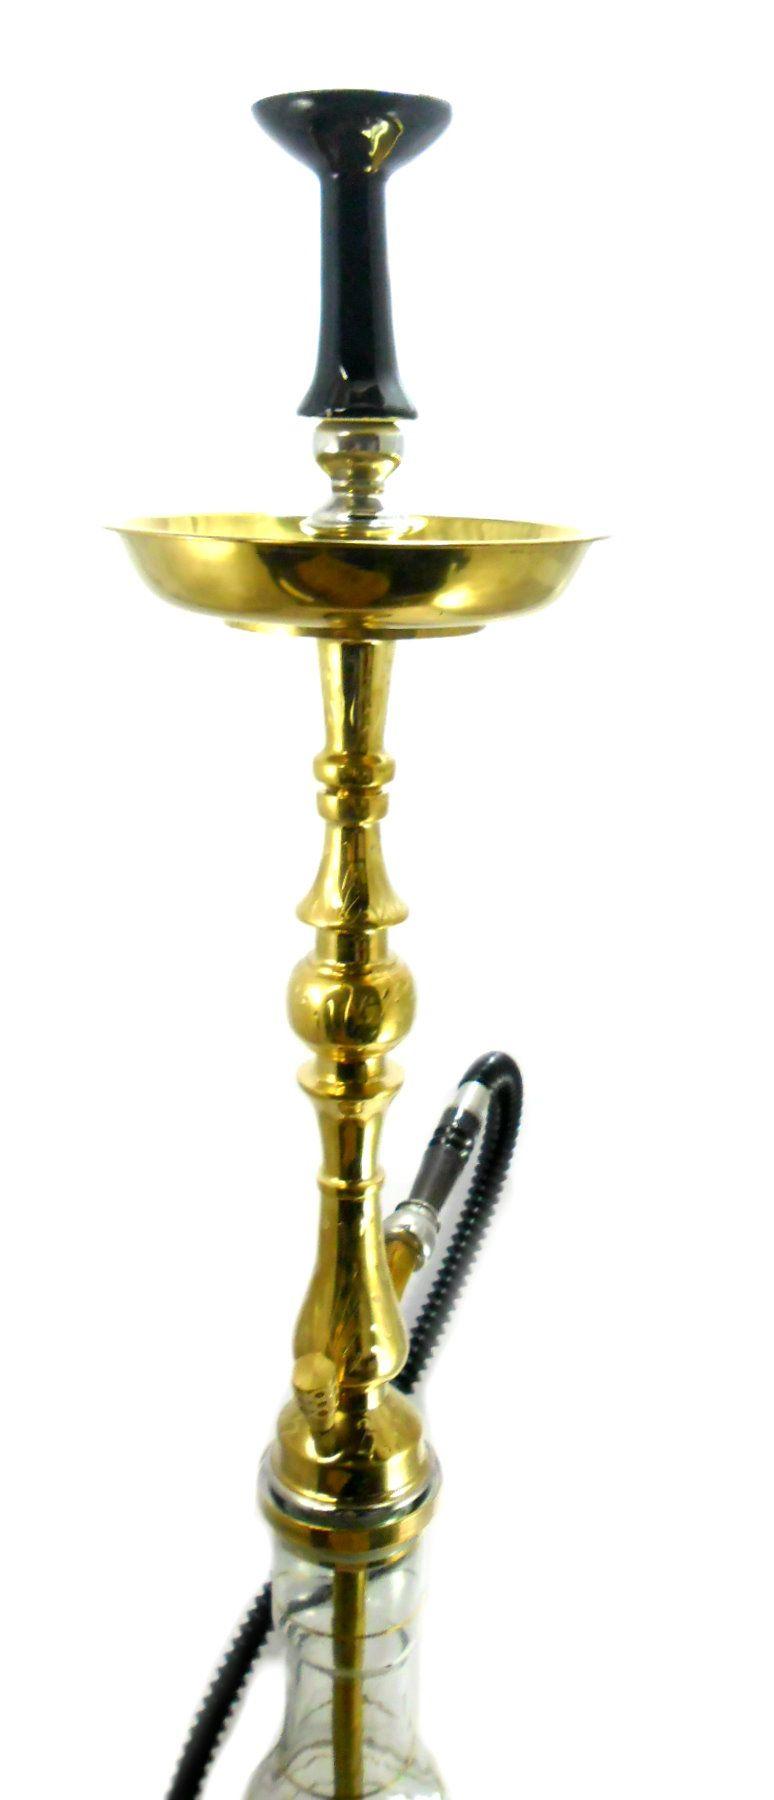 Narguile Egípcio YAHYA A55 bronze dourado, extra-grande (89cm), mangueira extensível,rosh Flux preto